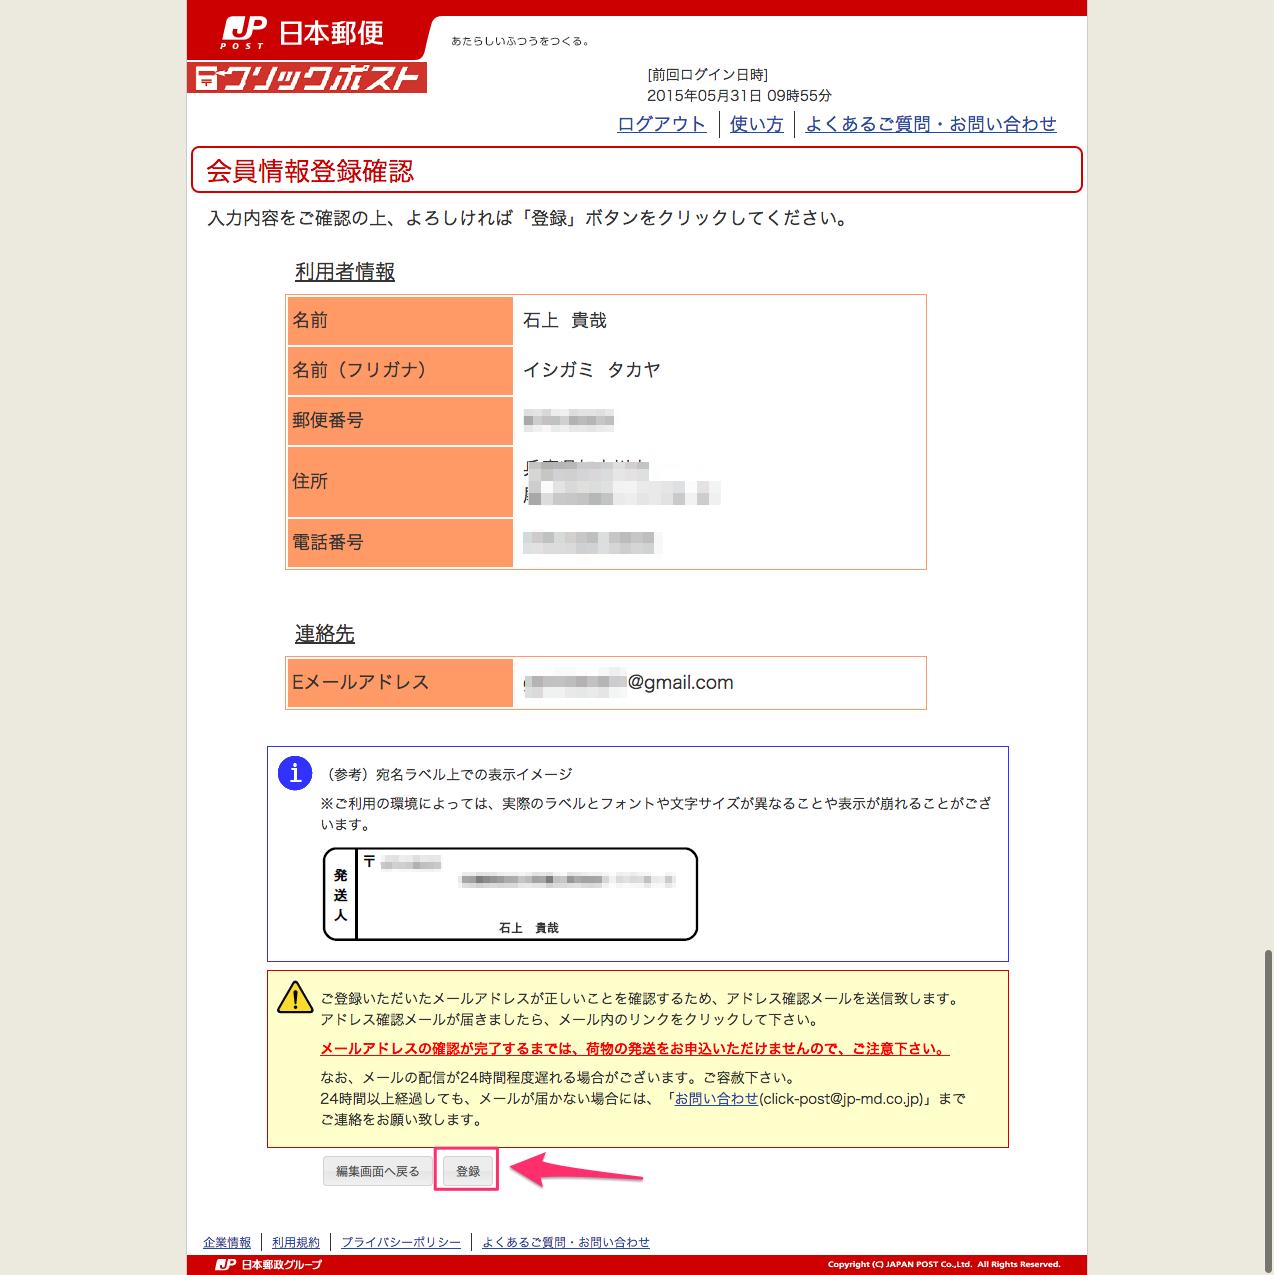 4.会員情報登録確認_-_クリックポスト